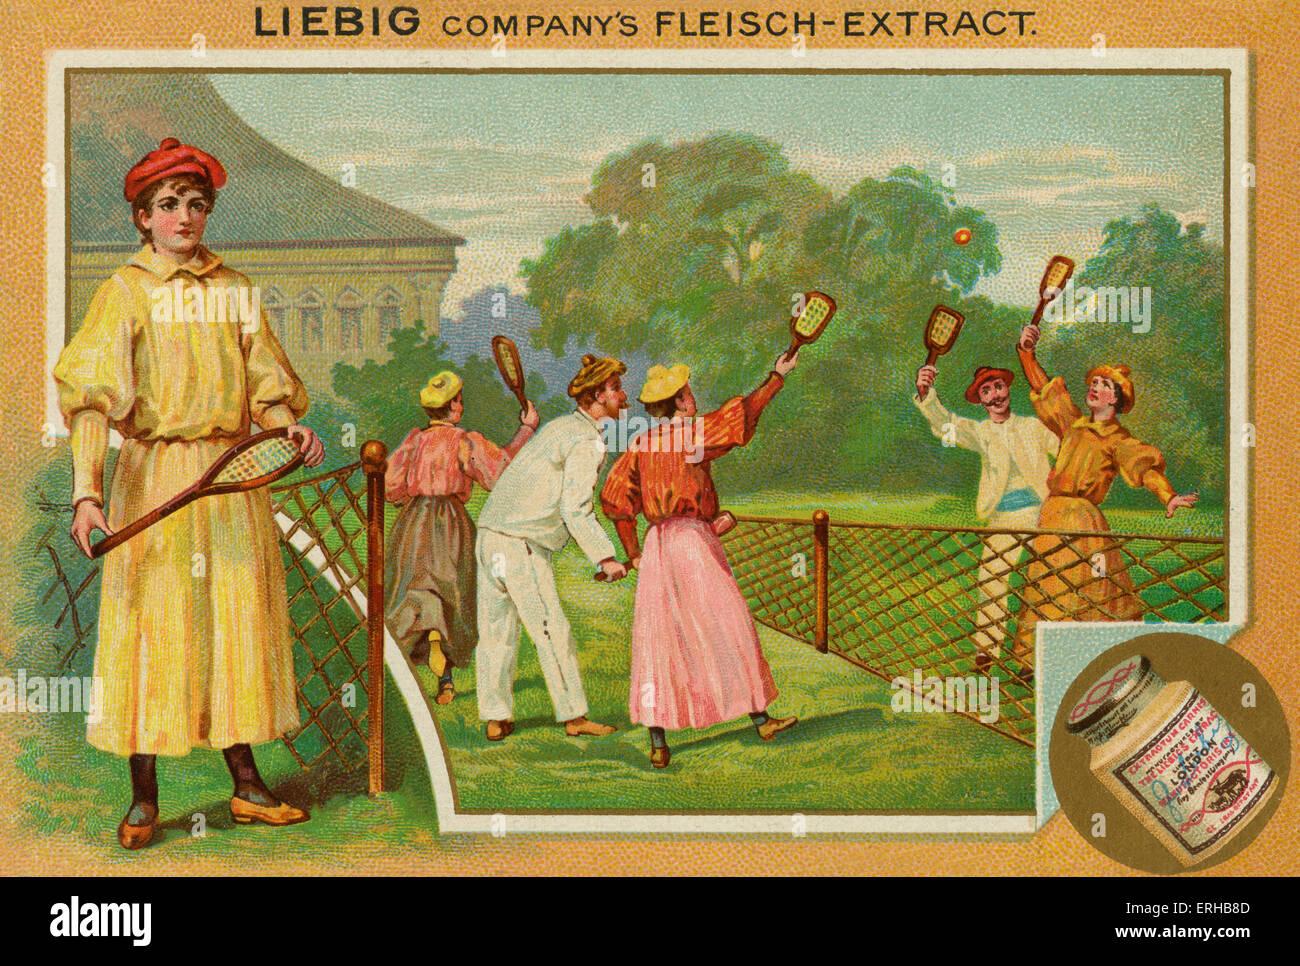 Eine Übereinstimmung des Rasentennis.  Liebig-Karte, Sport, 1896. Stockbild